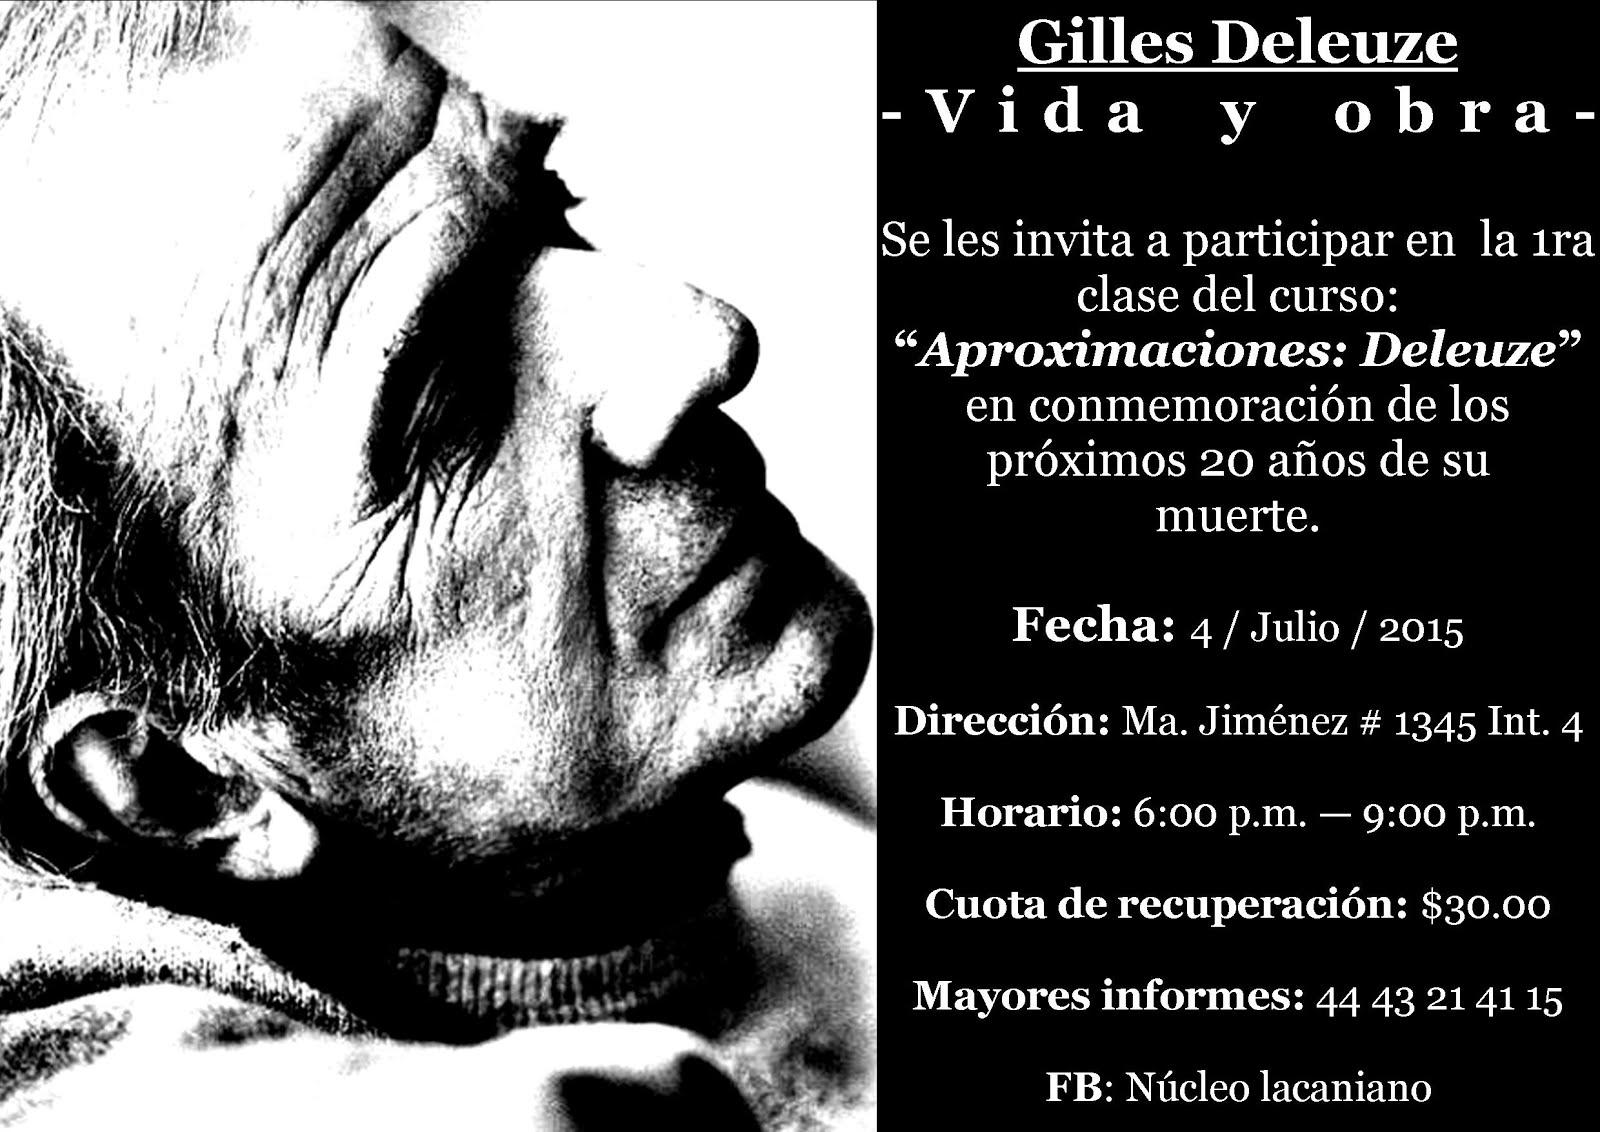 Gilles Deleuze. Vida y obra